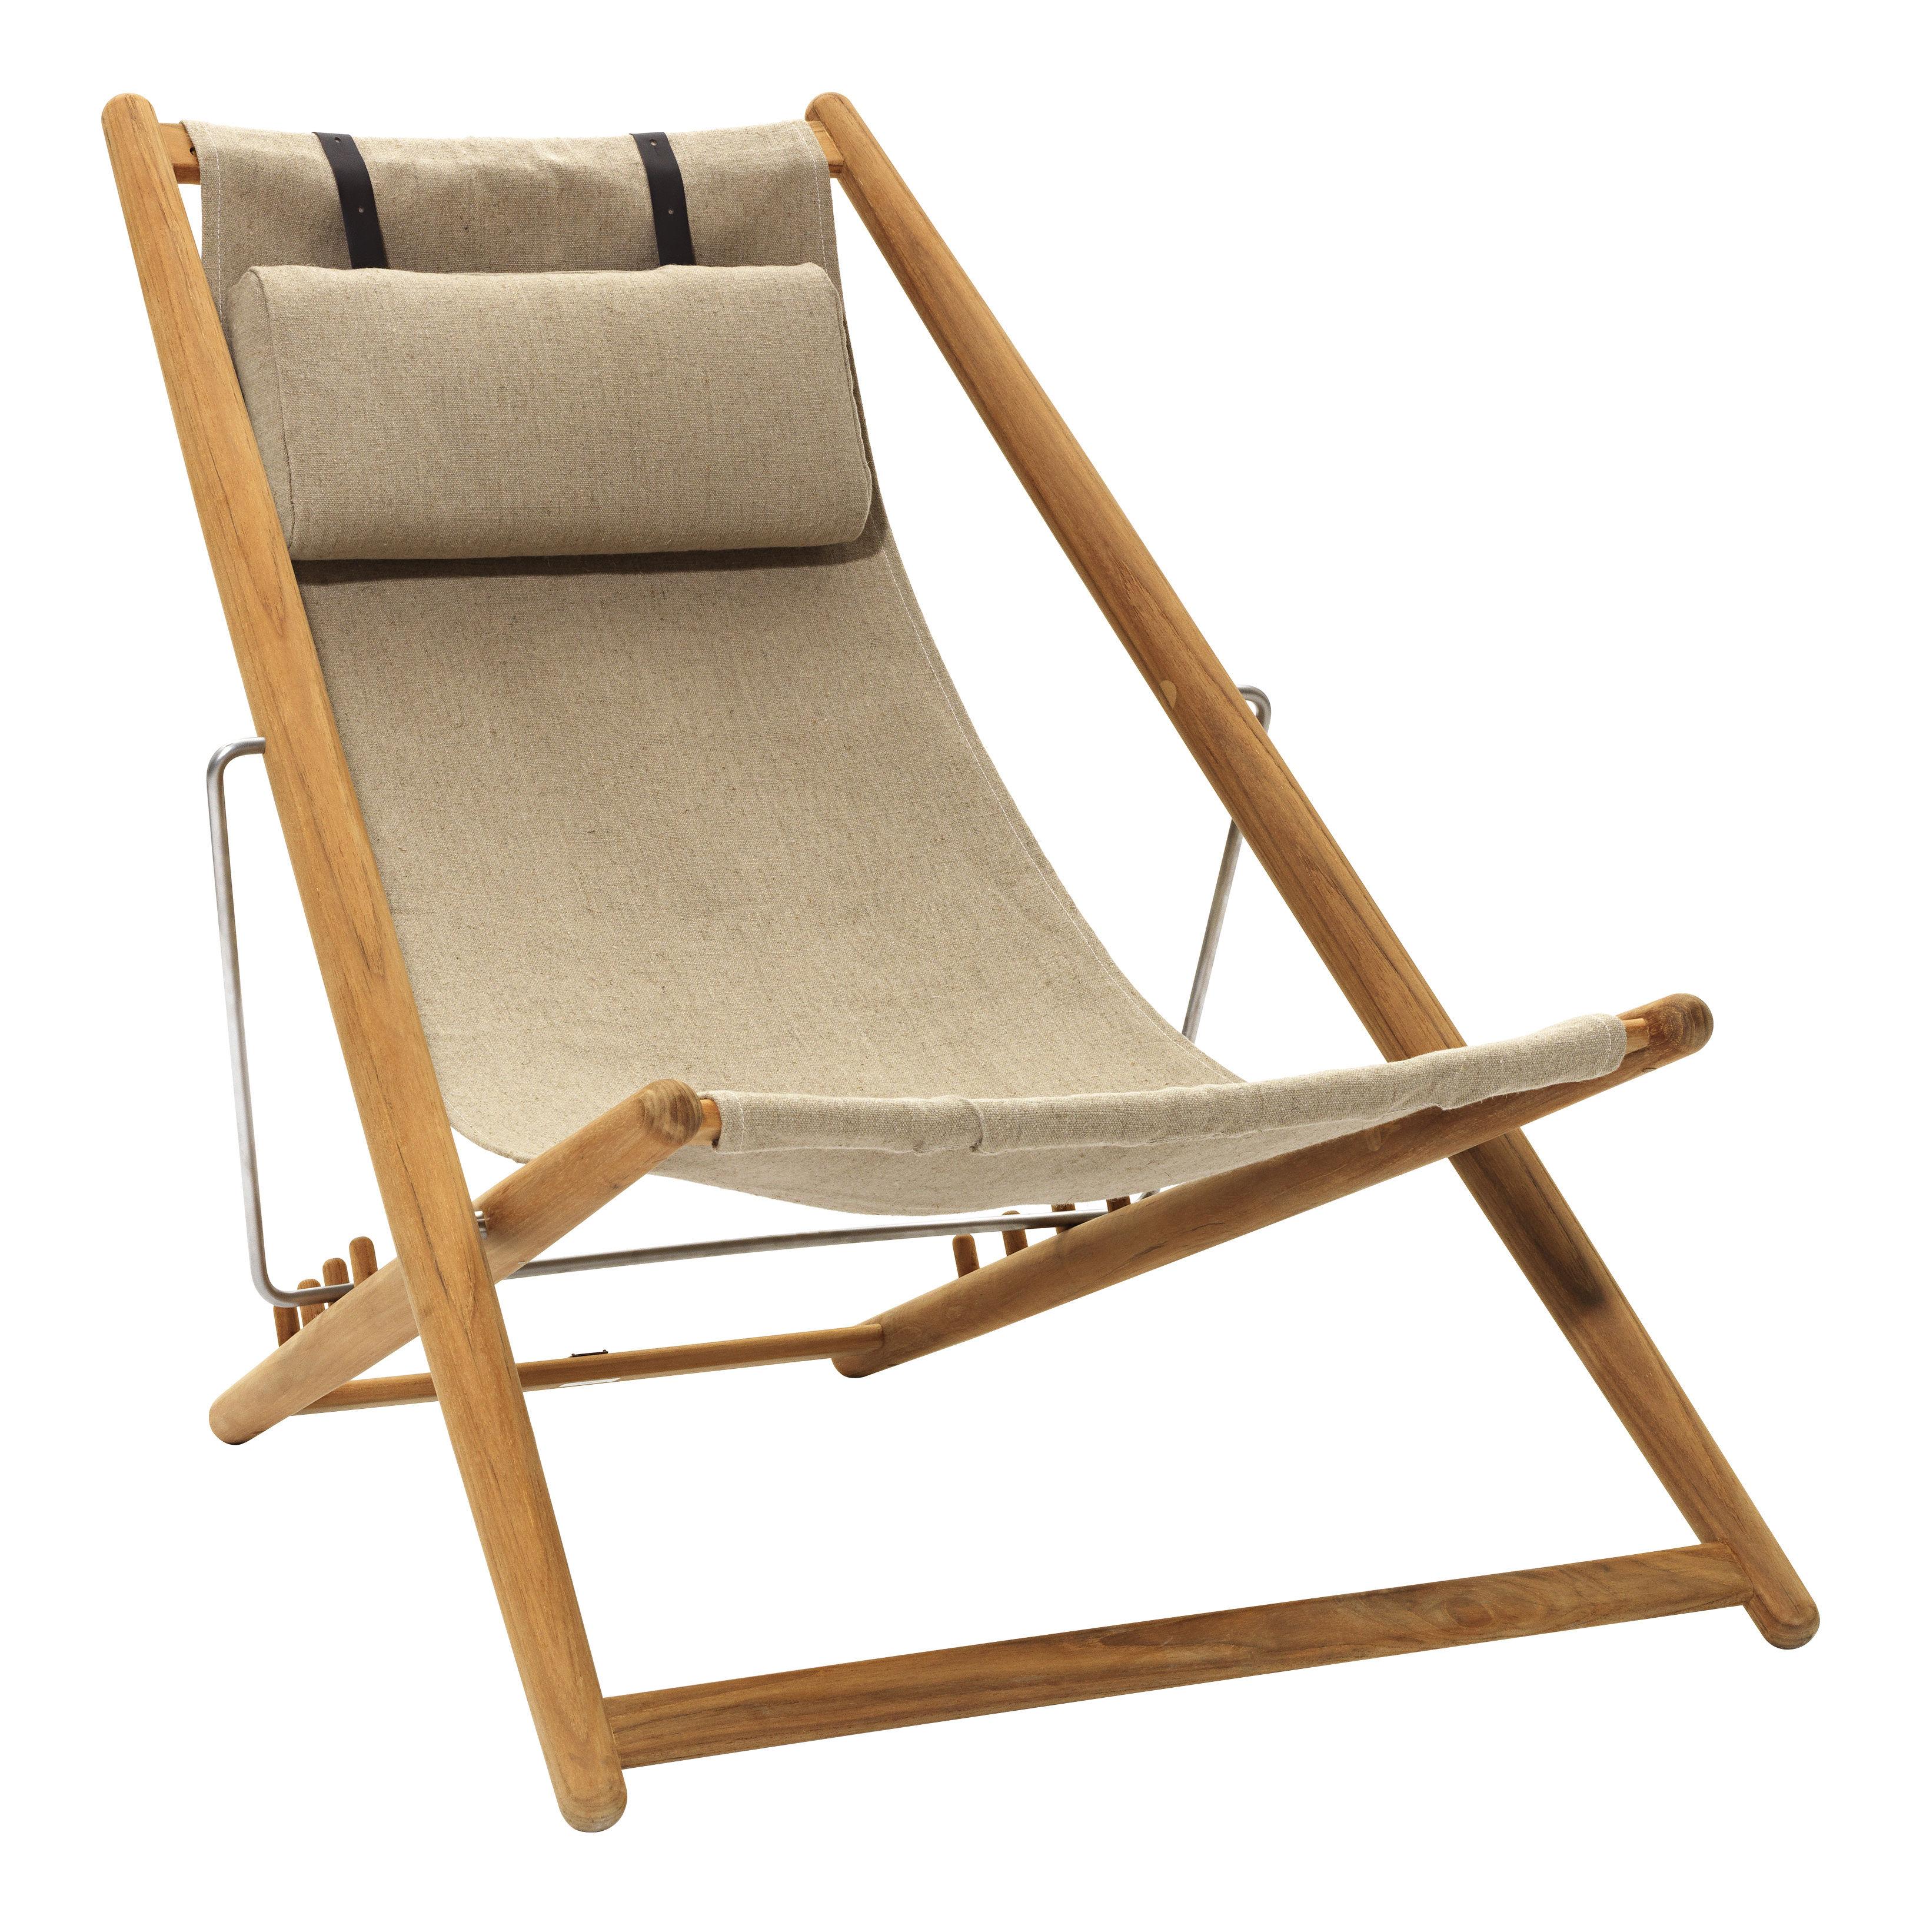 Outdoor - Chaises longues et hamacs - Chaise longue H55 /Edition limitée 60 ans - Skargaarden - Teck / Beige - Teck, Toile